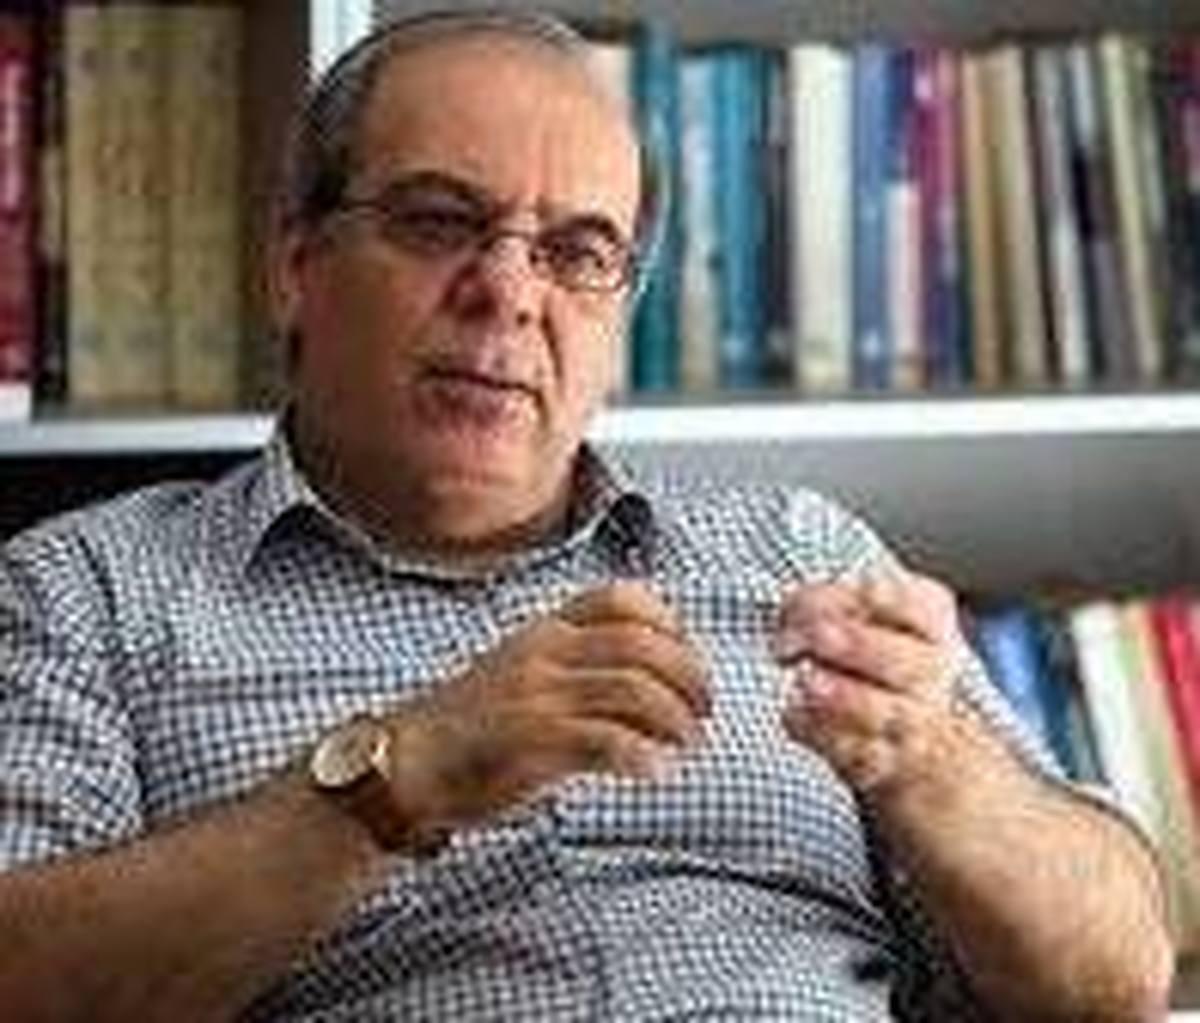 عباس عبدی هم به مرگ جوان مشهدی واکنش نشان داد